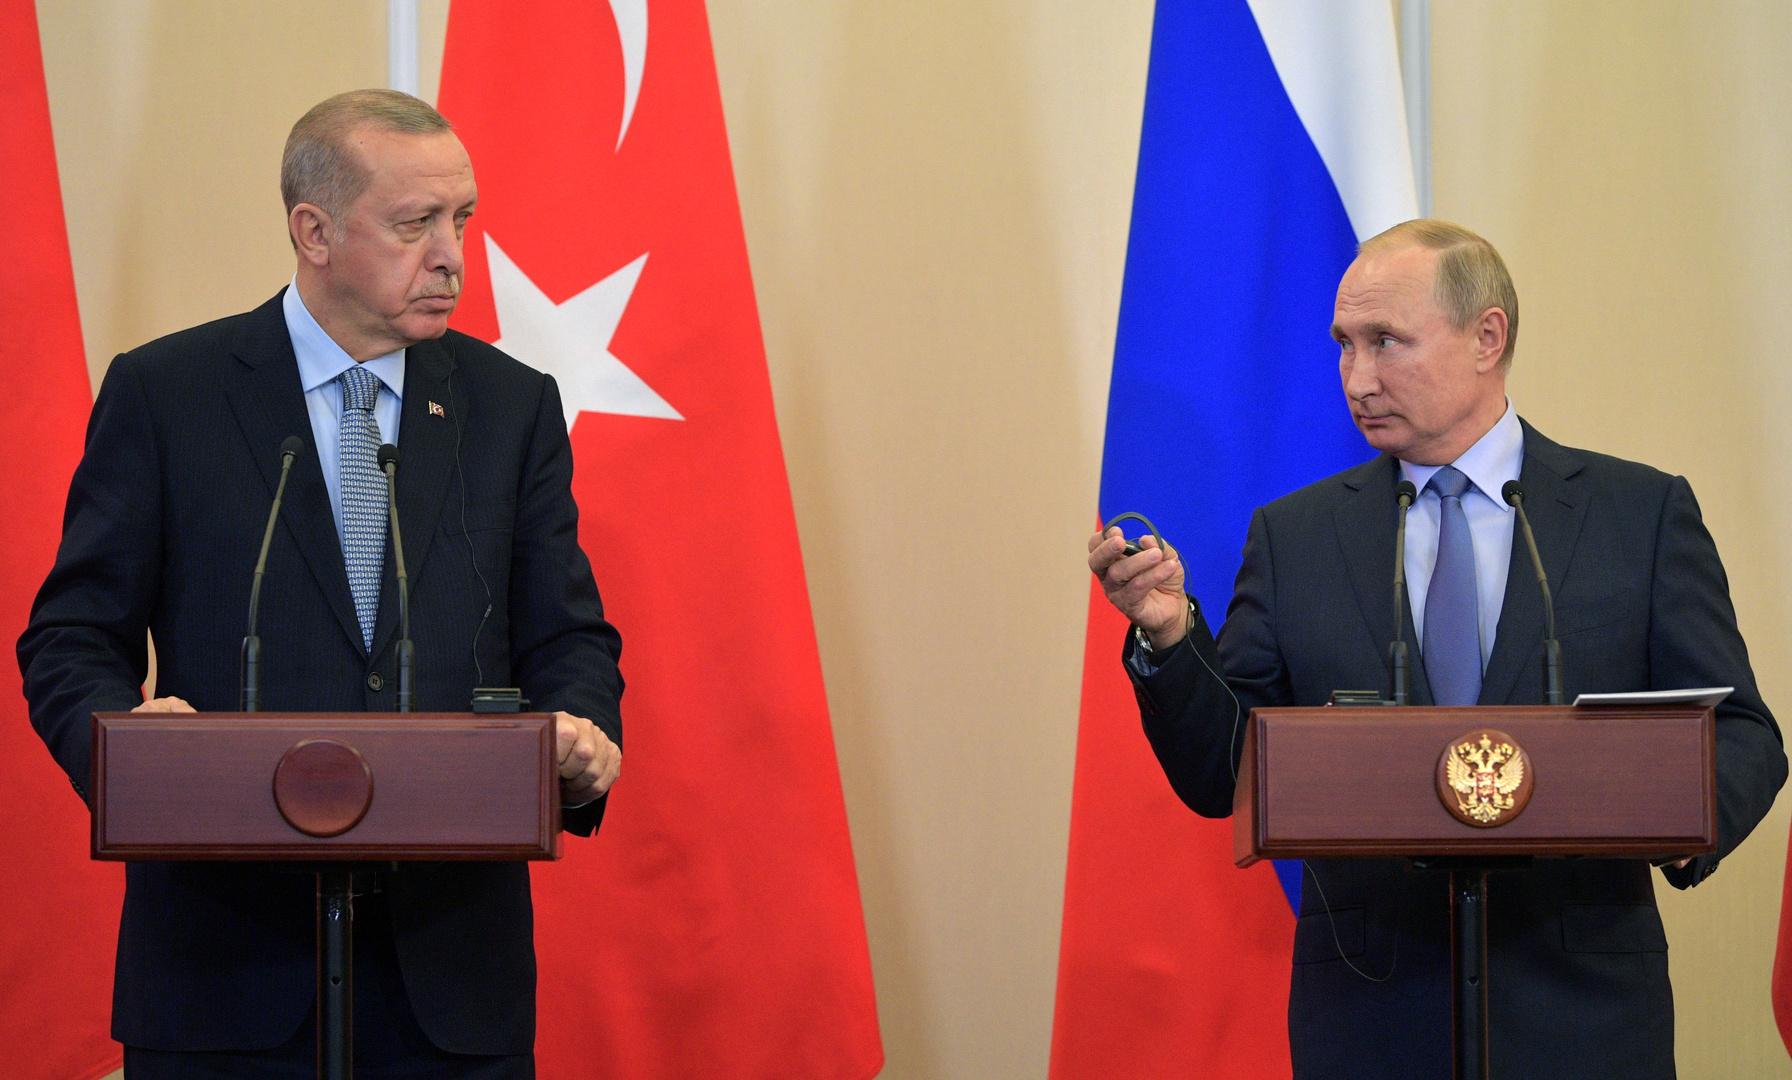 أردوغان: اتفقنا مع بوتين على العمل معا لحل قضية قره باغ